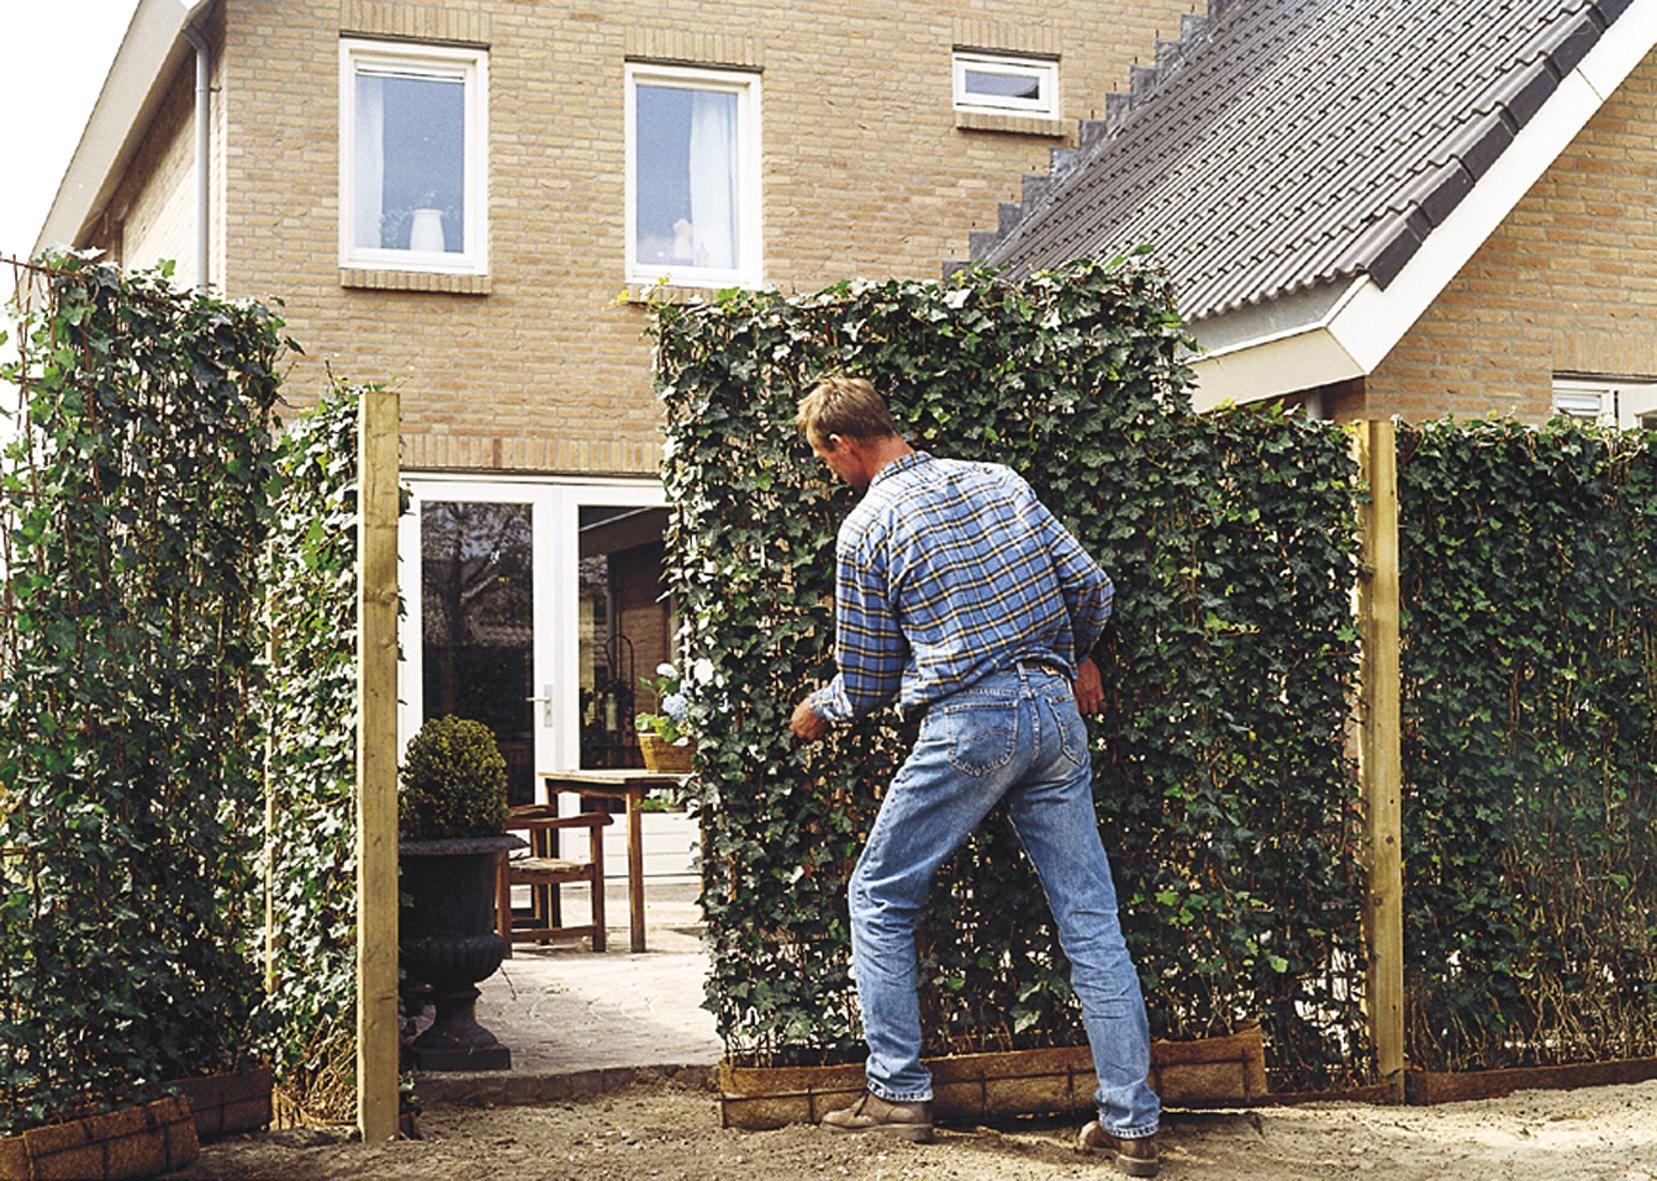 pflegeleichte, moderne Sichtschutz-Kombination aus immergrüner Hecke und Zaun, architektonische Linienführung, undurchdringlich, Sicherheit, Blatttextur #zaunideen